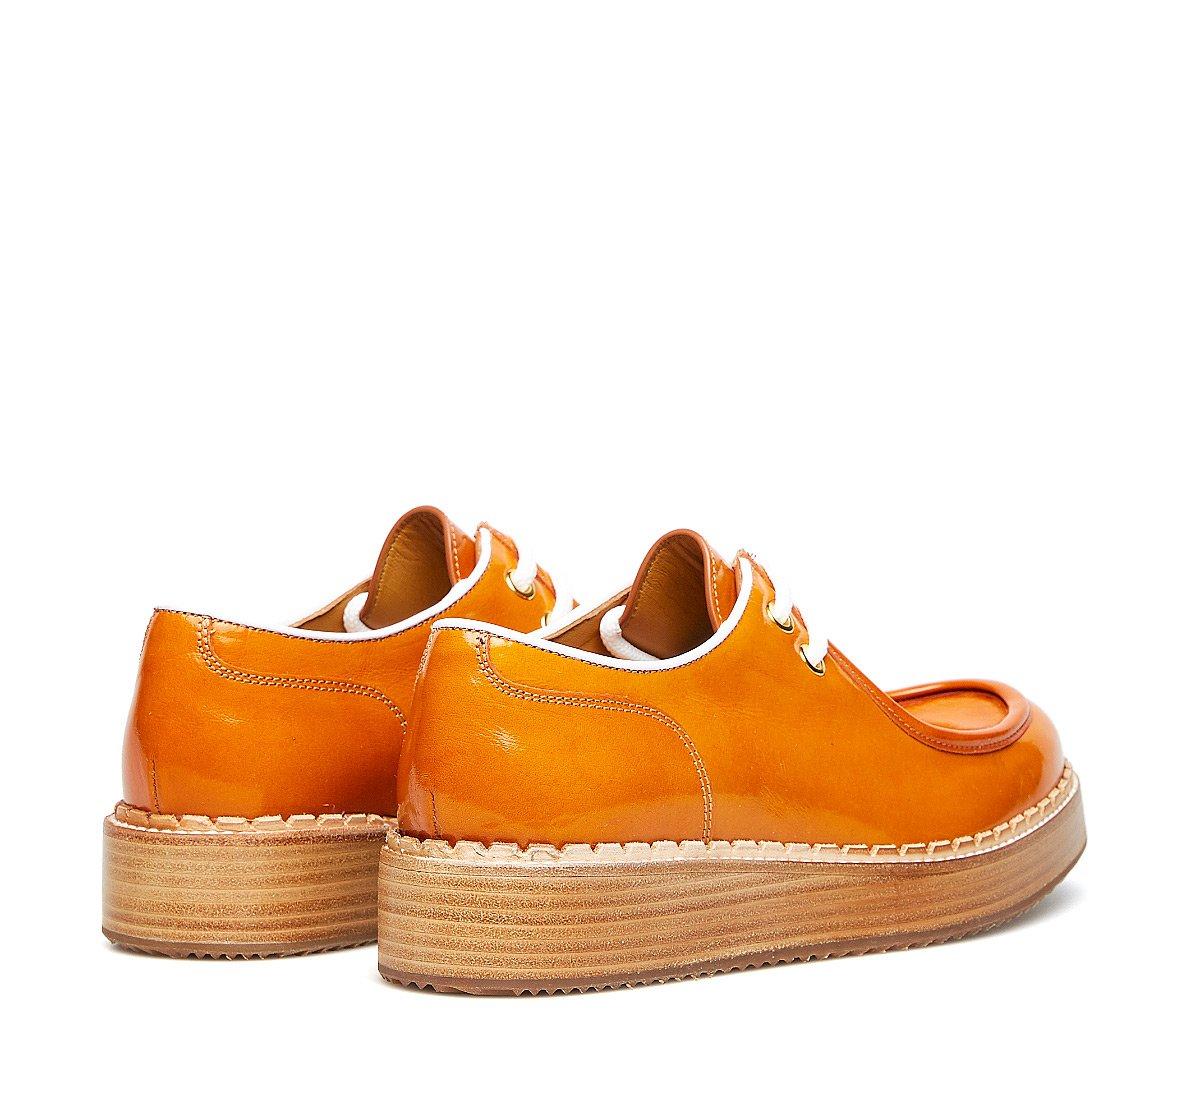 Туфли на шнуровке Barracuda из ценной телячьей кожи